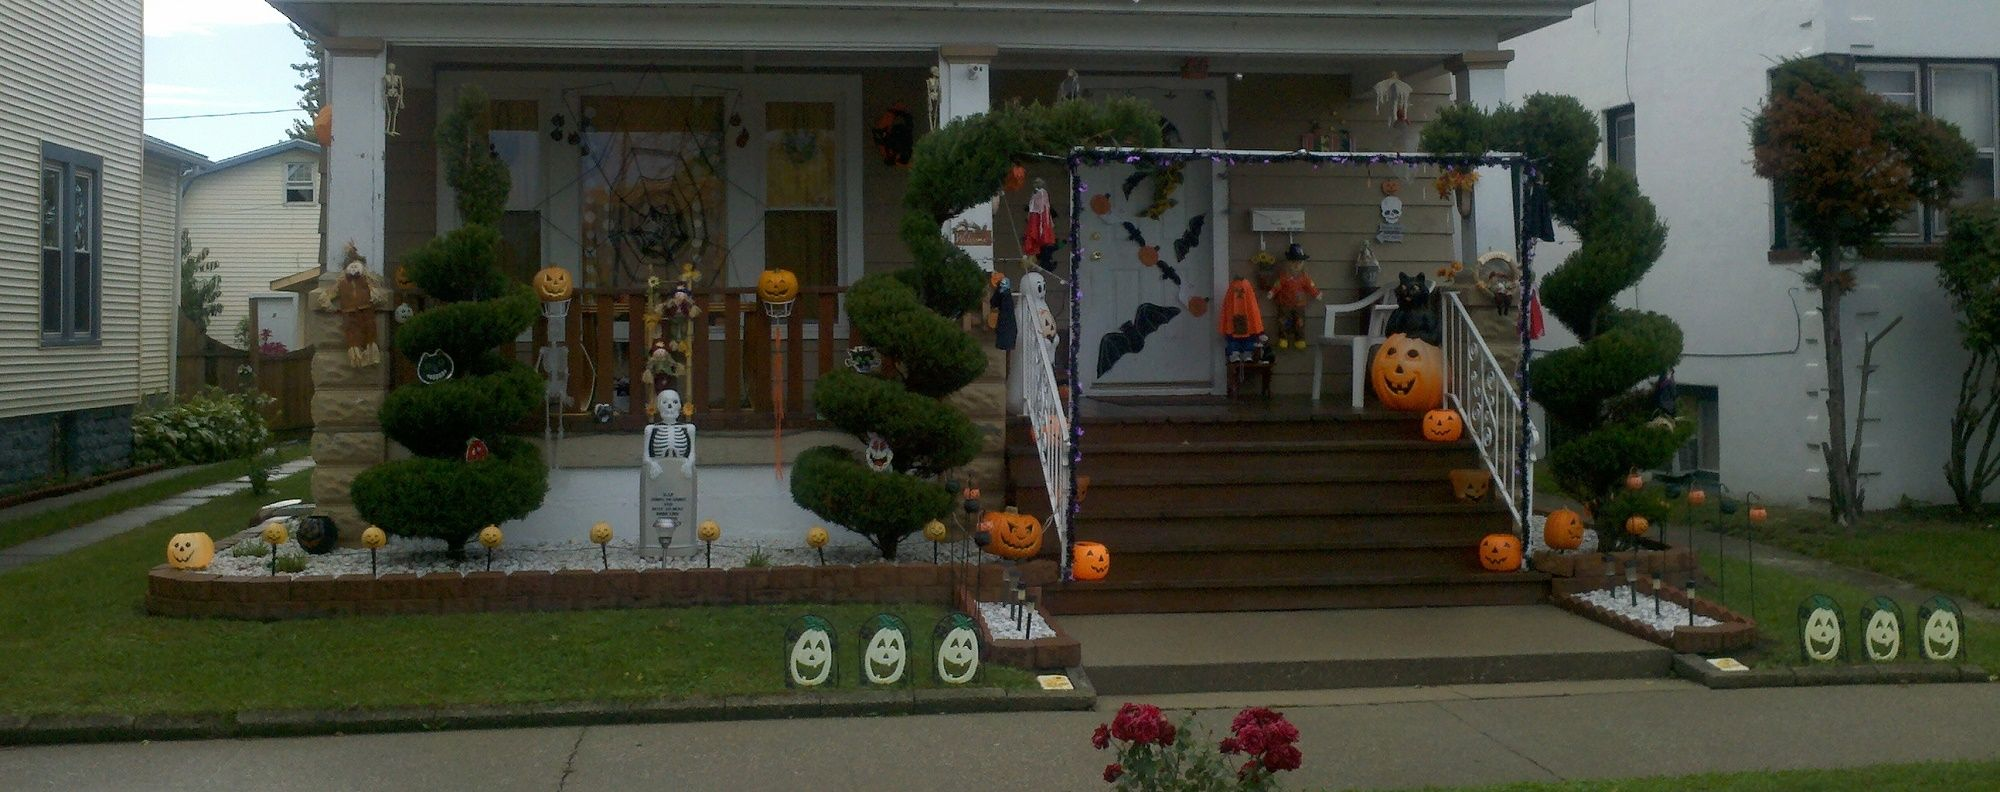 5 decorazioni di halloween perfette per il giardino bigodino for Decorazioni halloween finestra